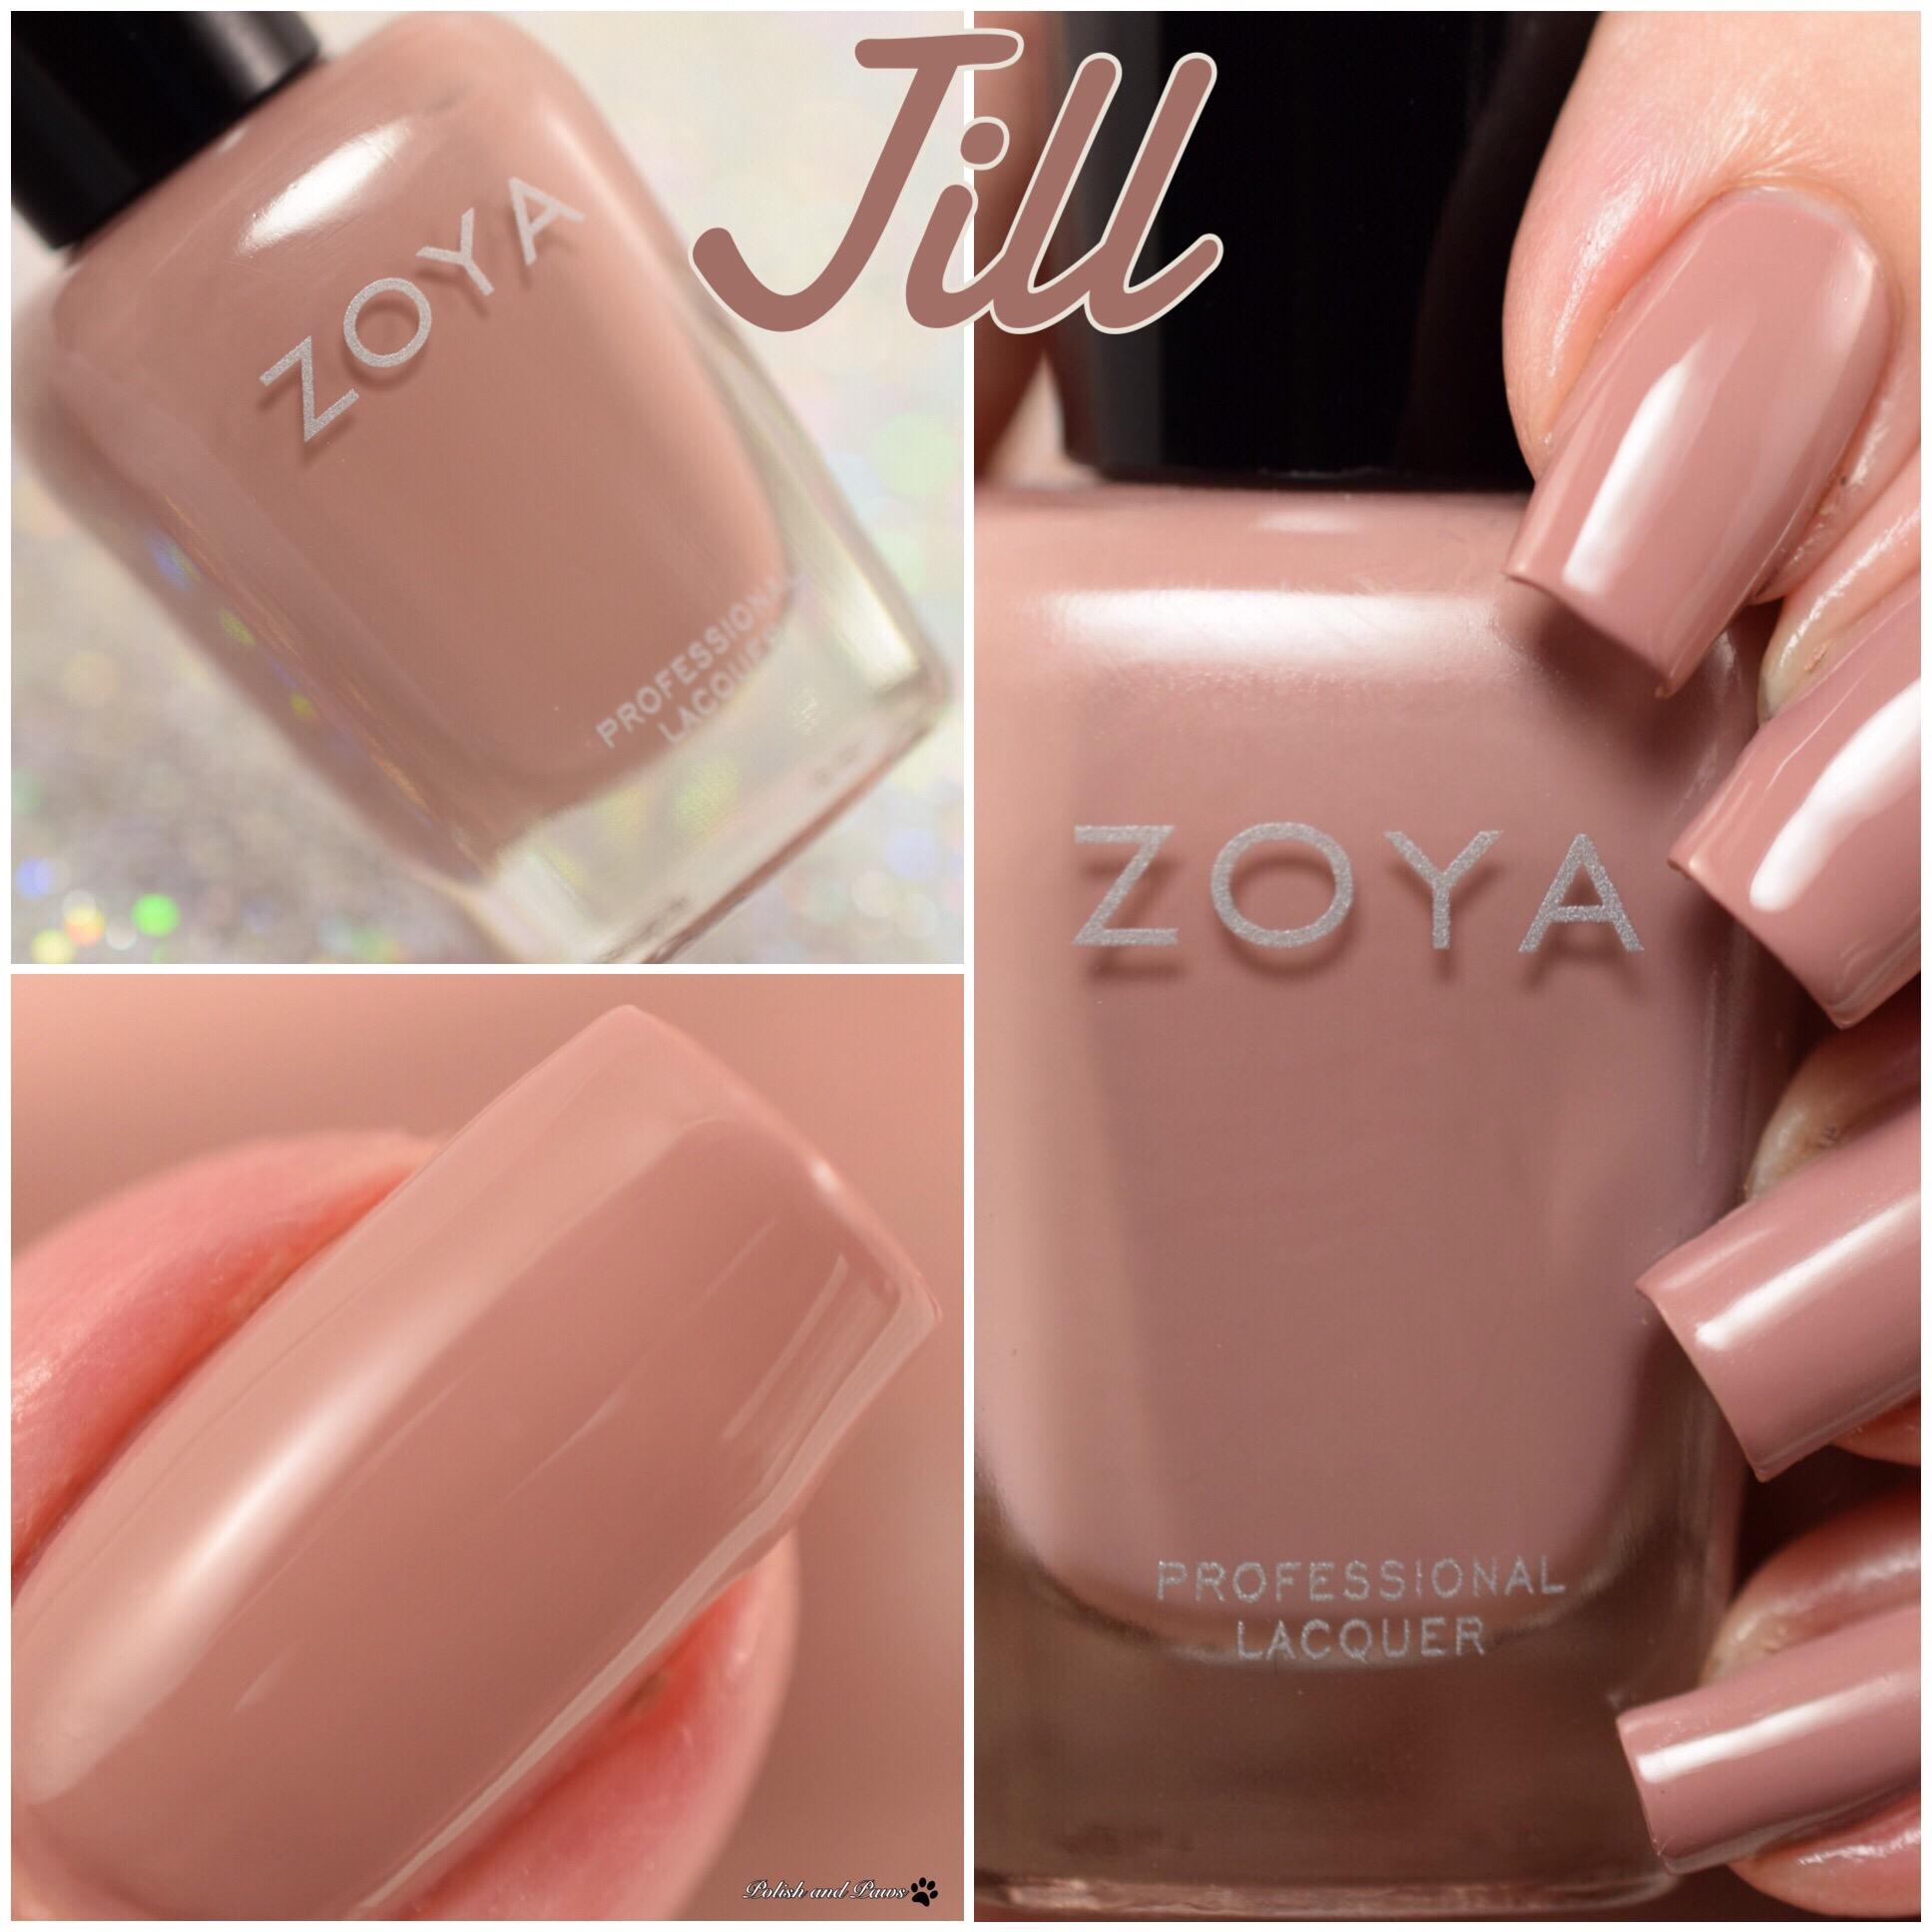 Zoya Jill